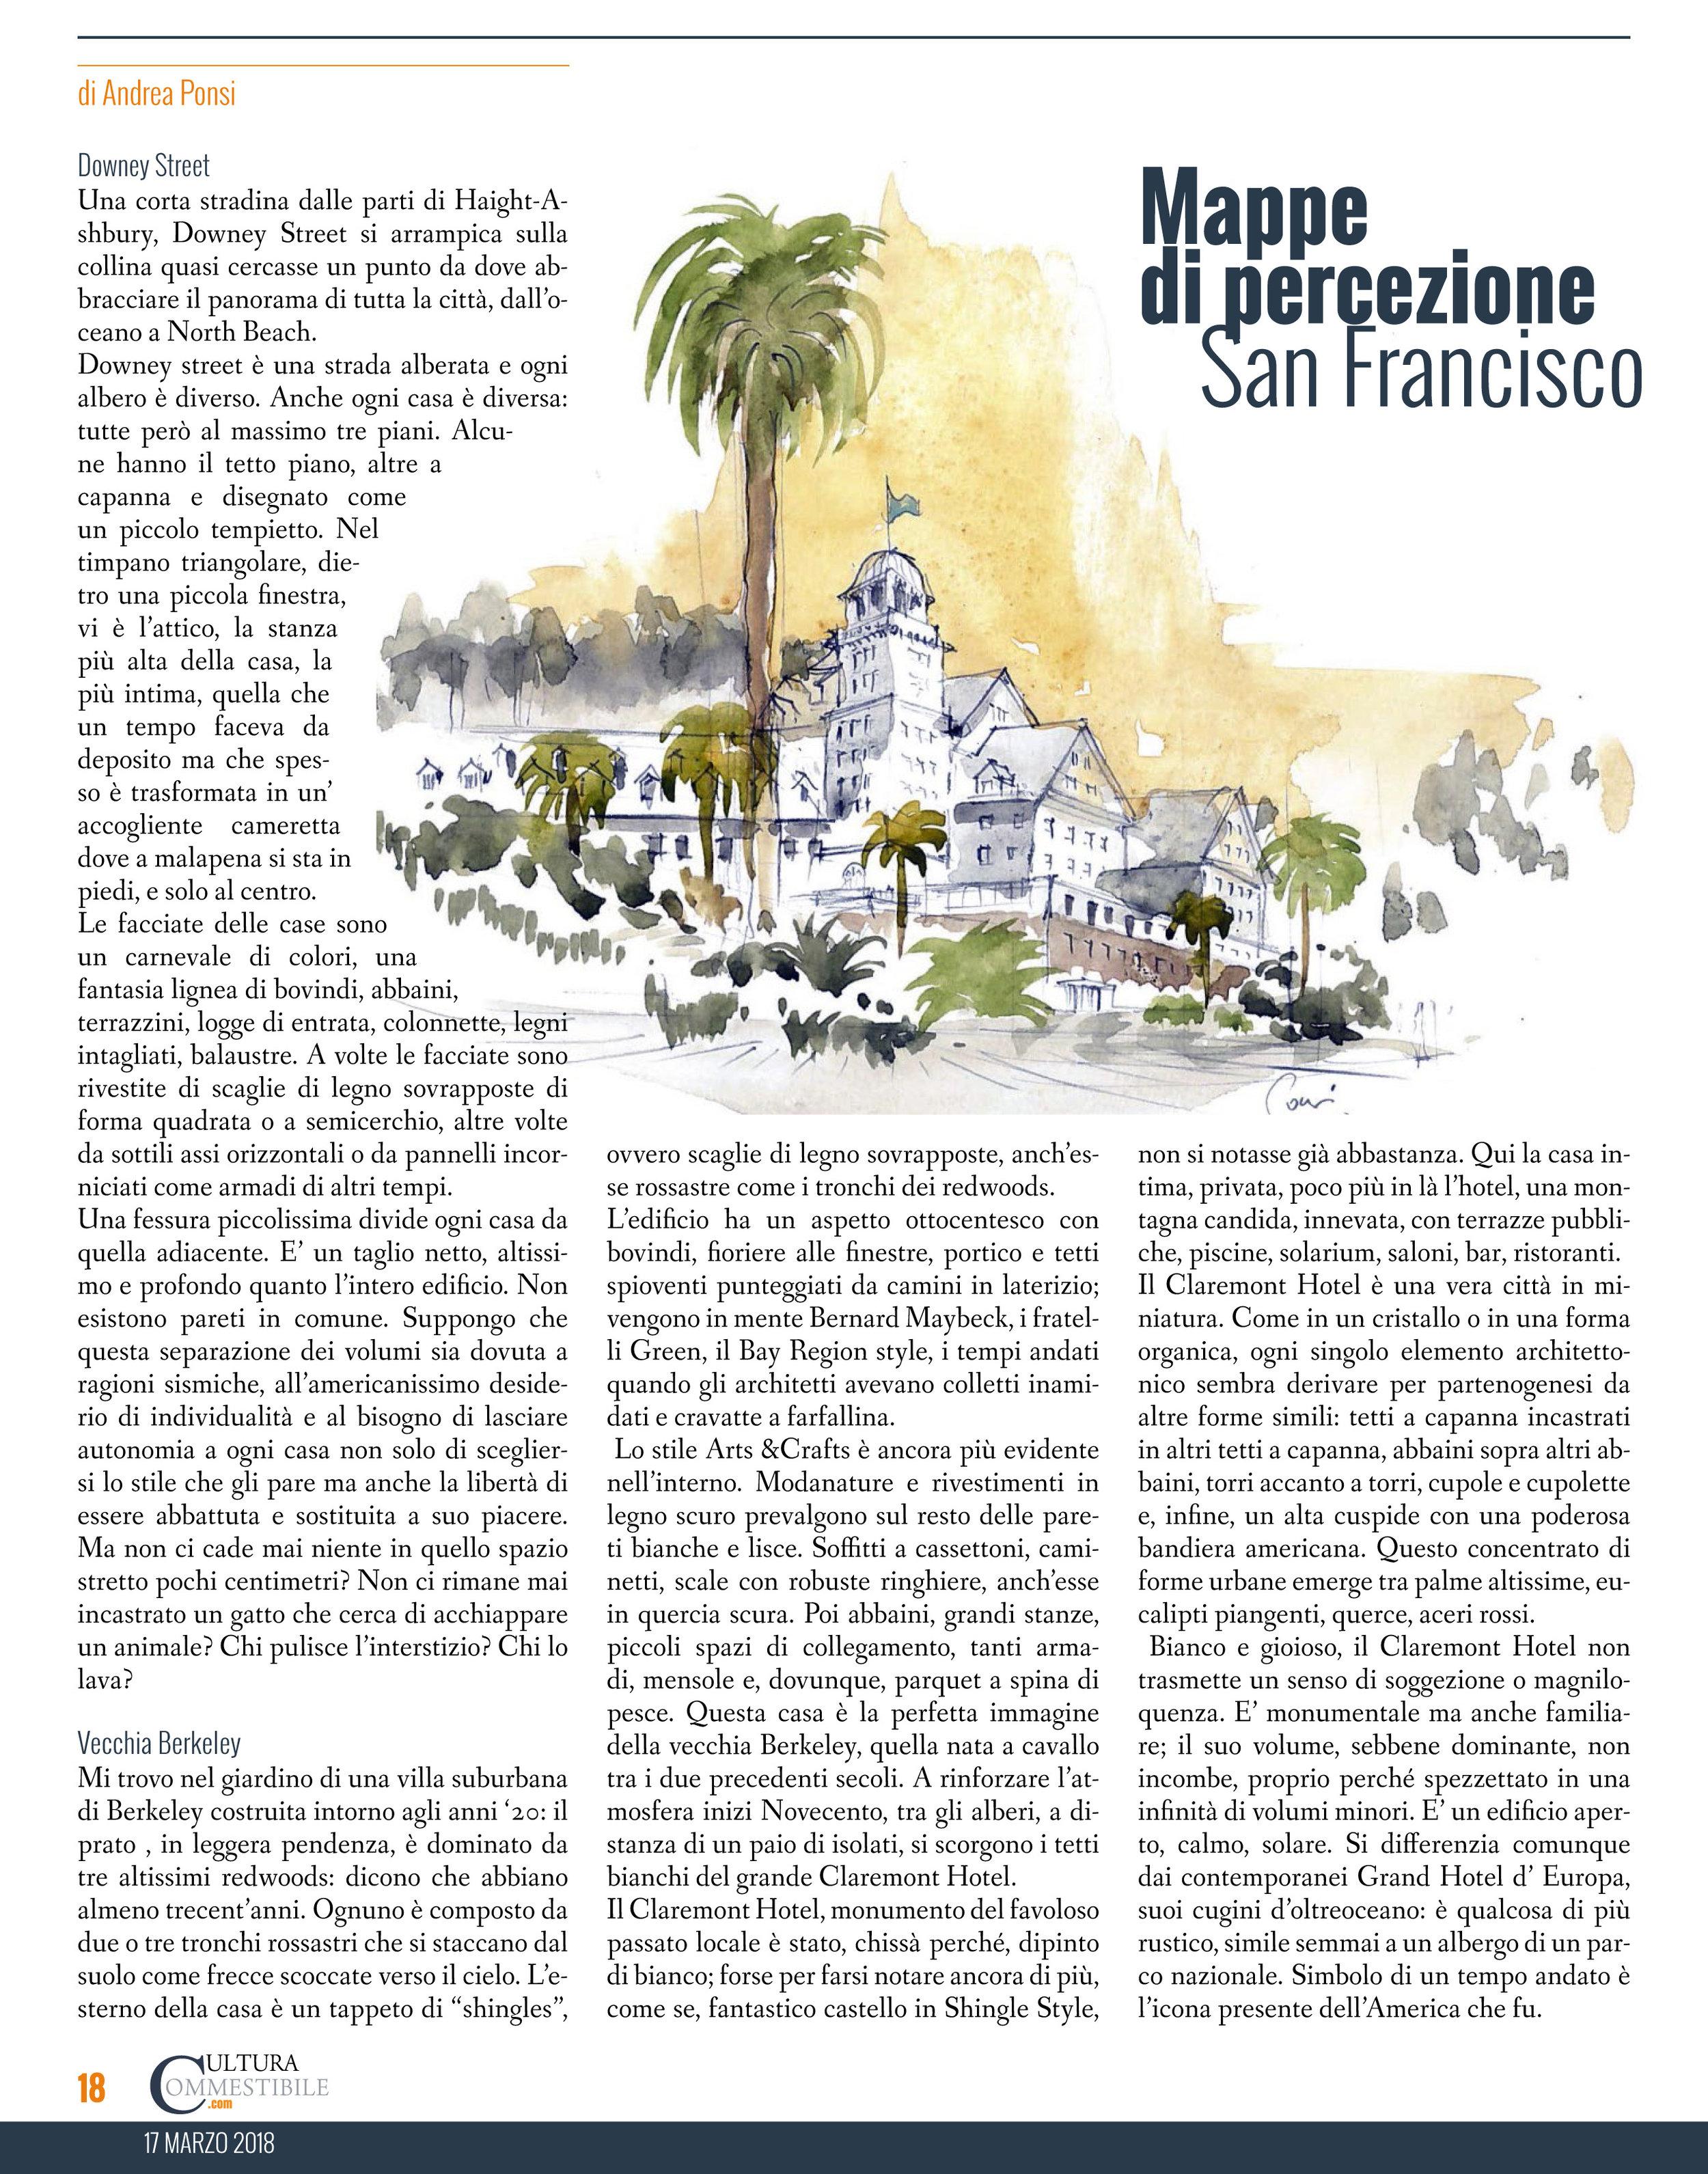 Cultura-Commestibile-254-18.jpg